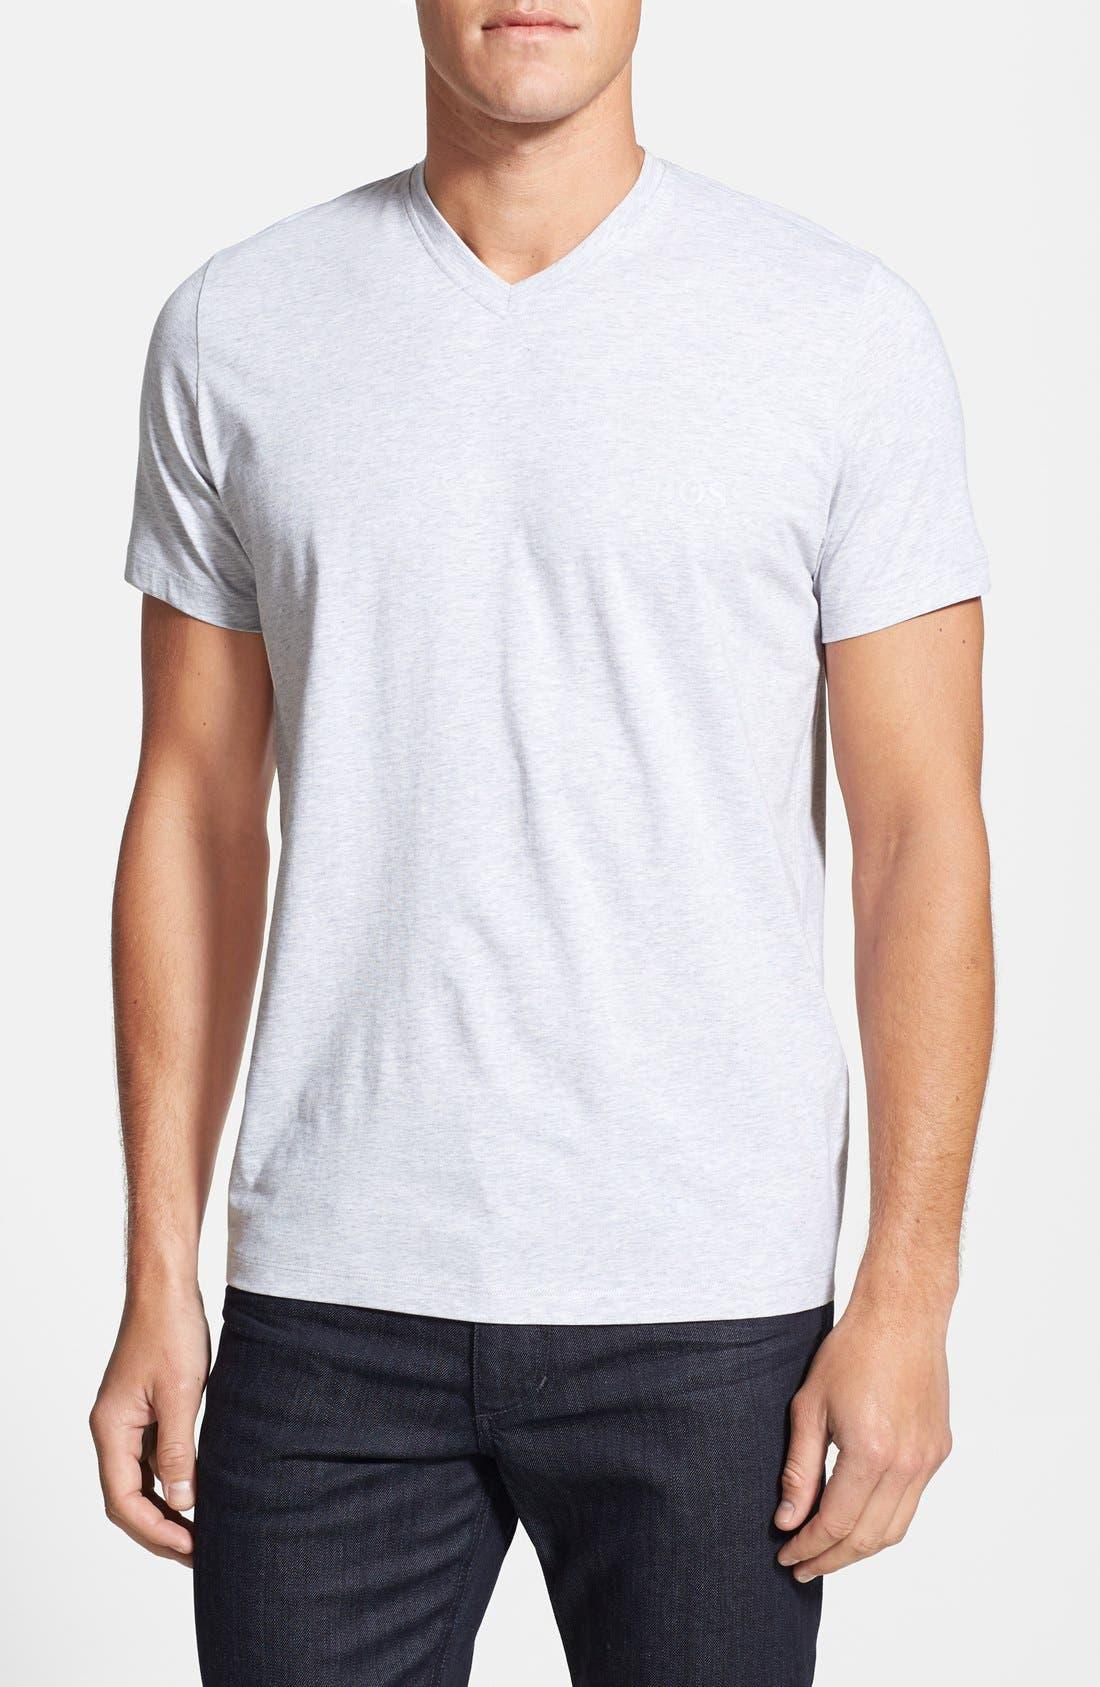 Alternate Image 1 Selected - BOSS HUGO BOSS 'Innovation 1' V-Neck T-Shirt